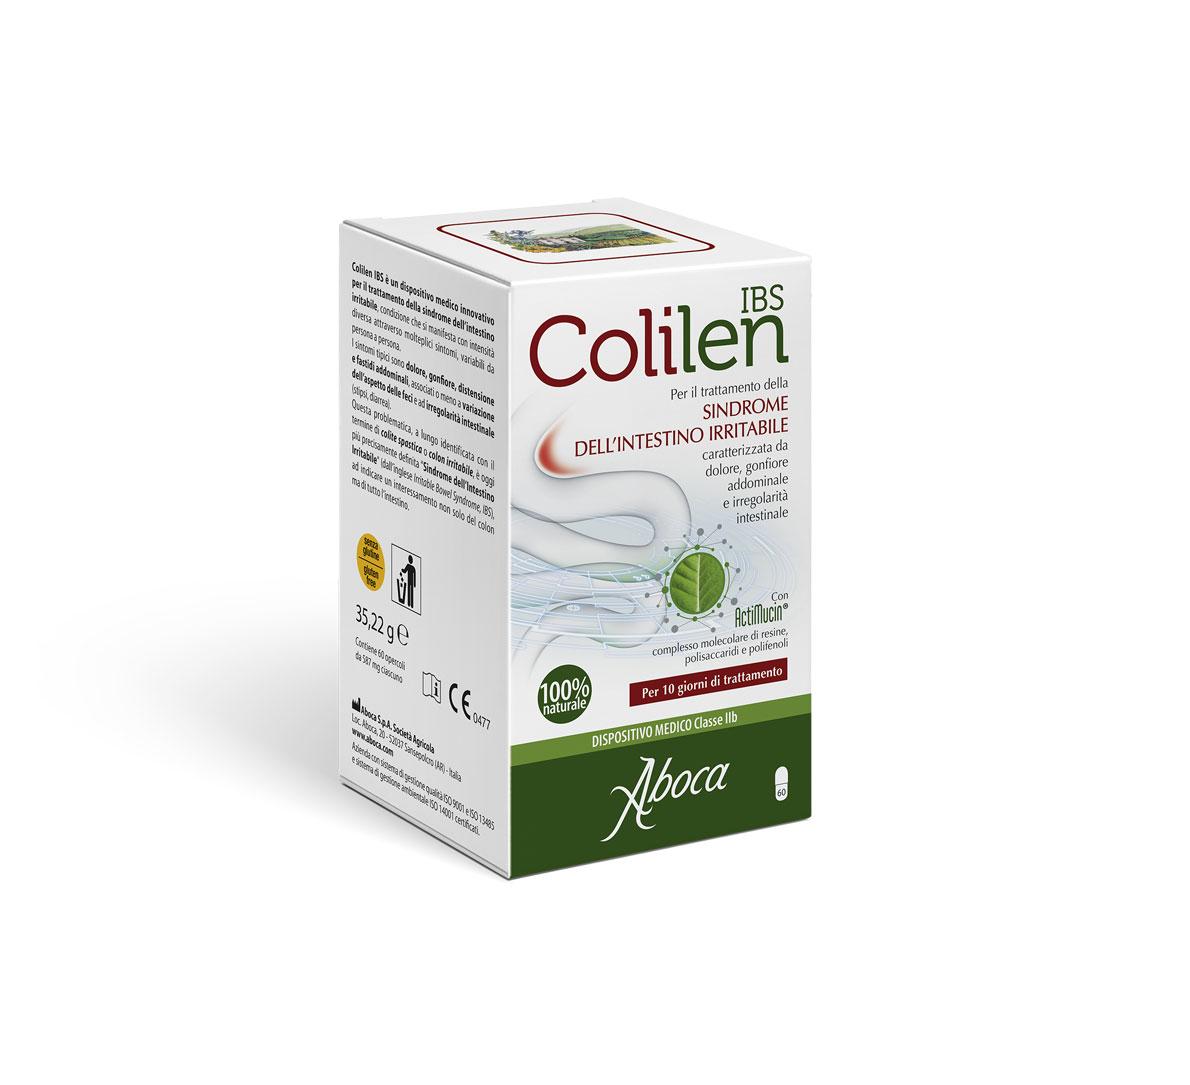 Image of Aboca Colilen Ibs Per L'Intestino Irritabile 60 Opercoli 974159446